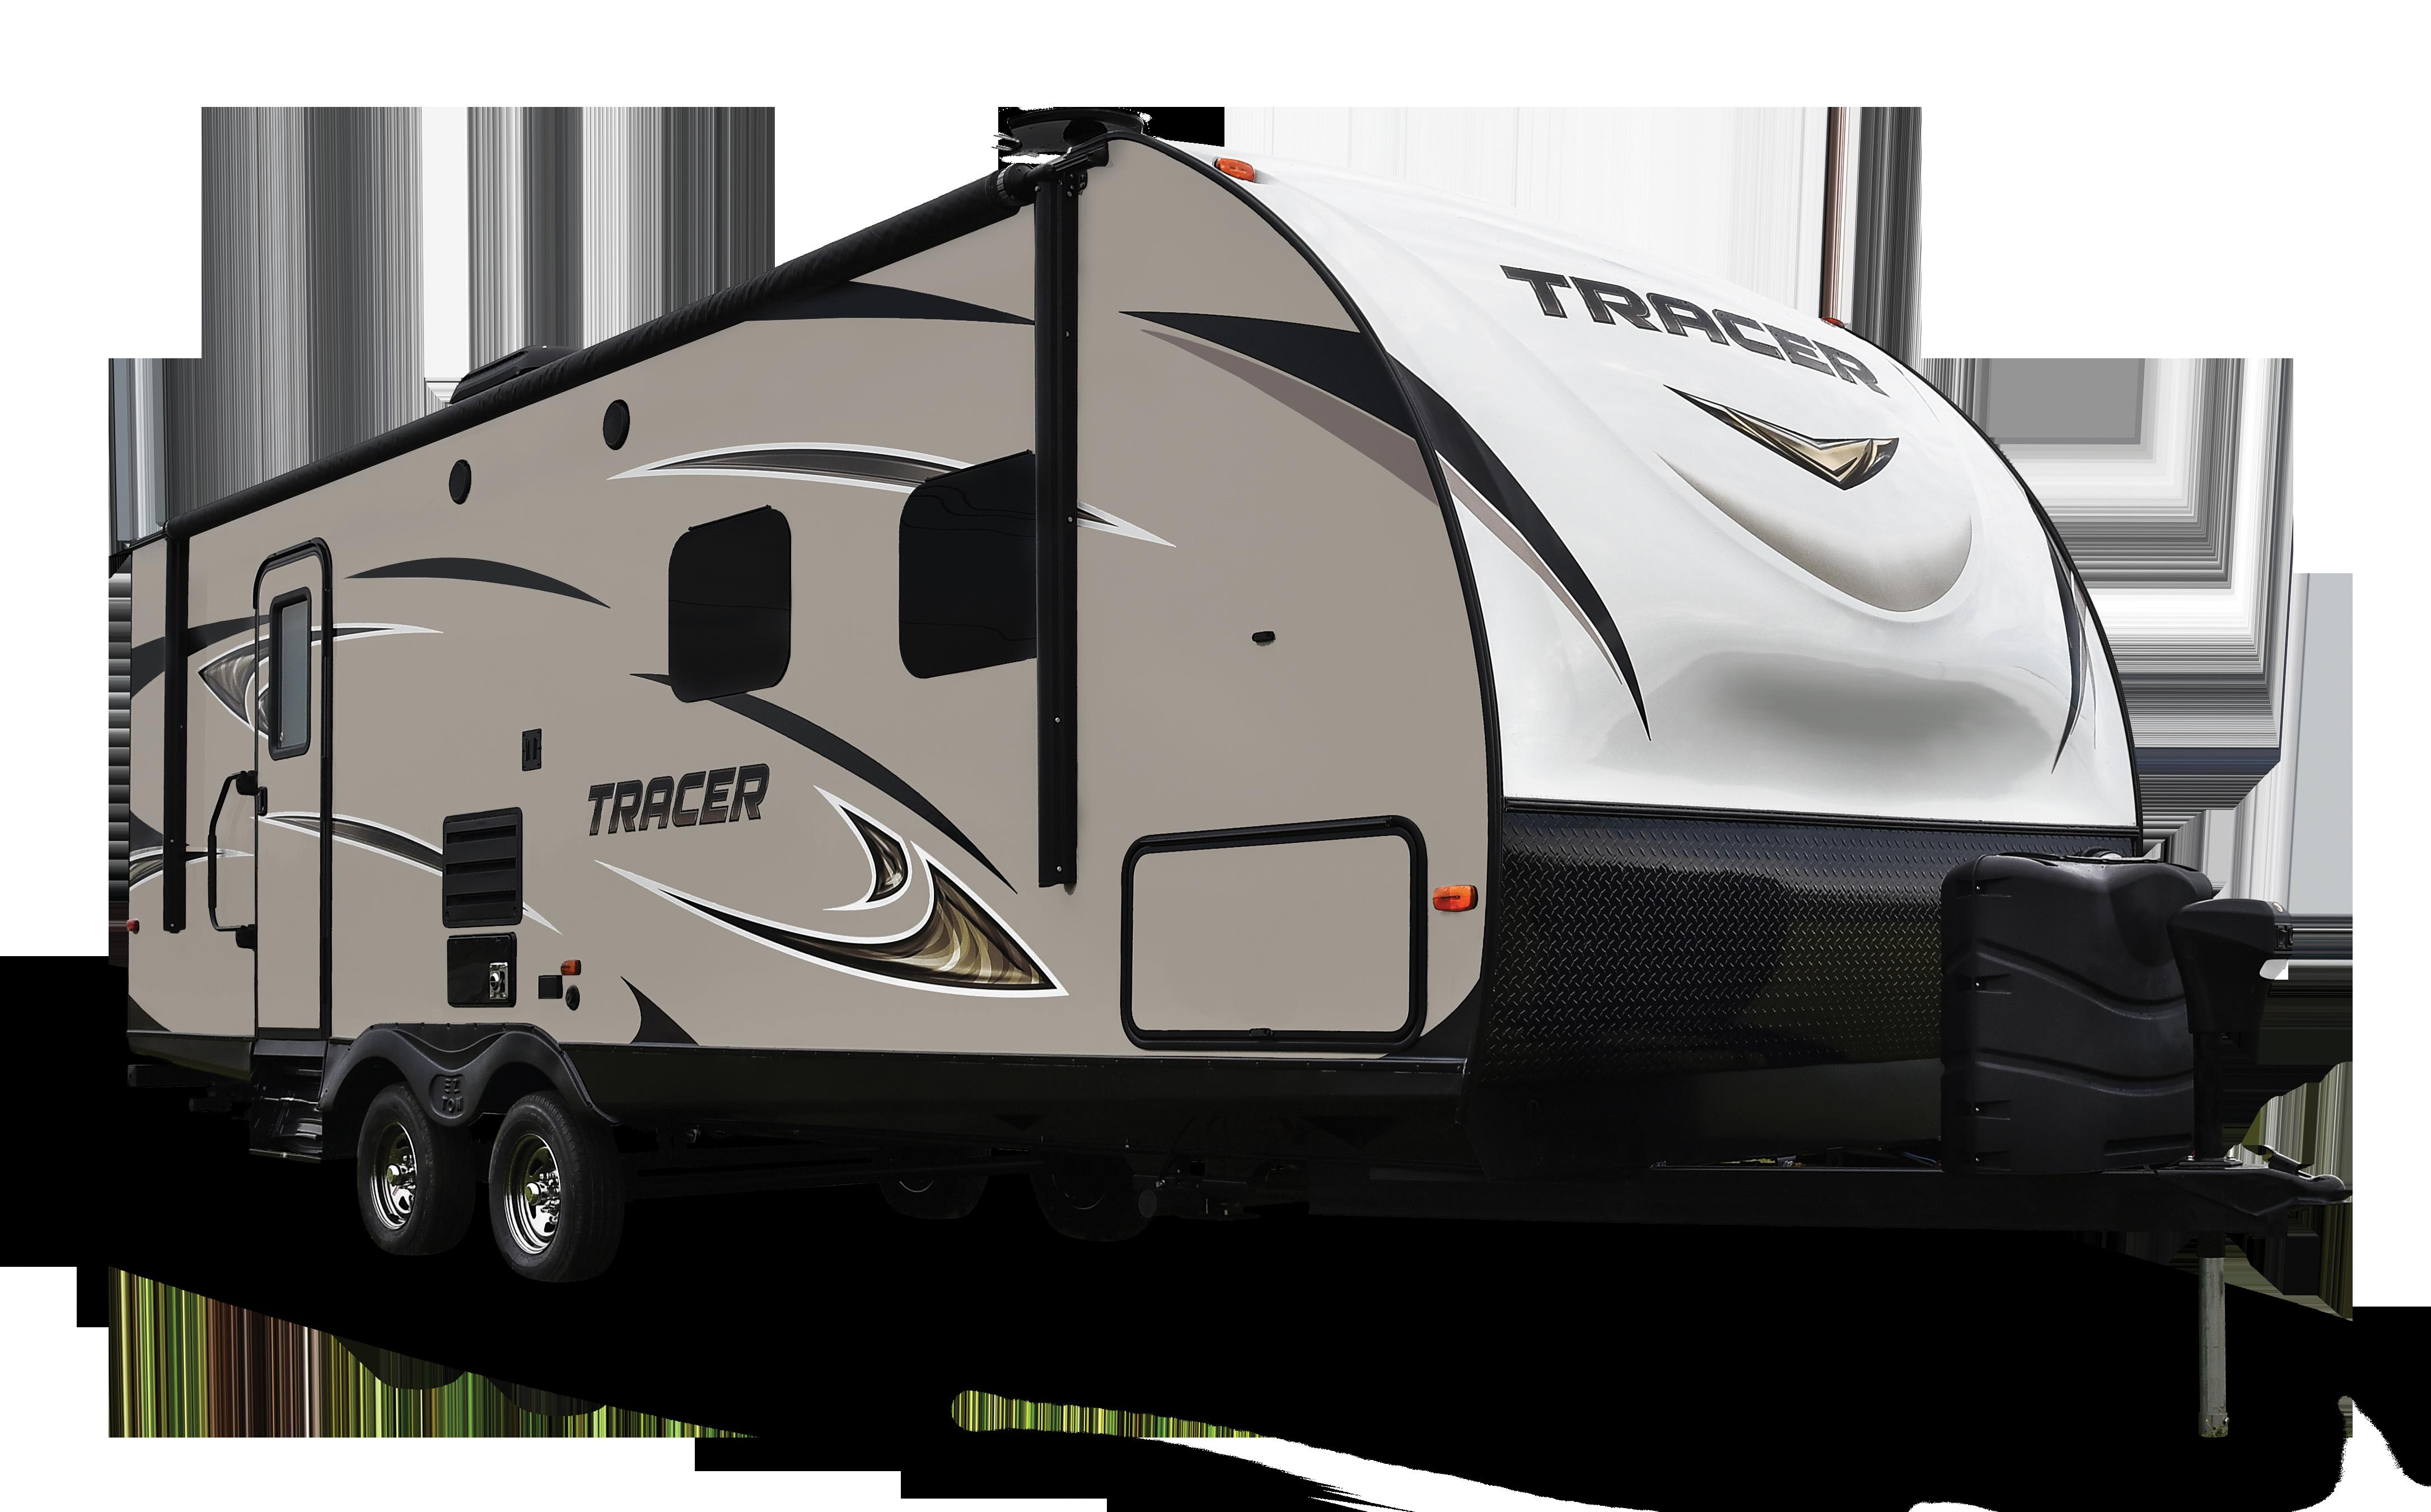 Primetime Tracer Travel Trailer